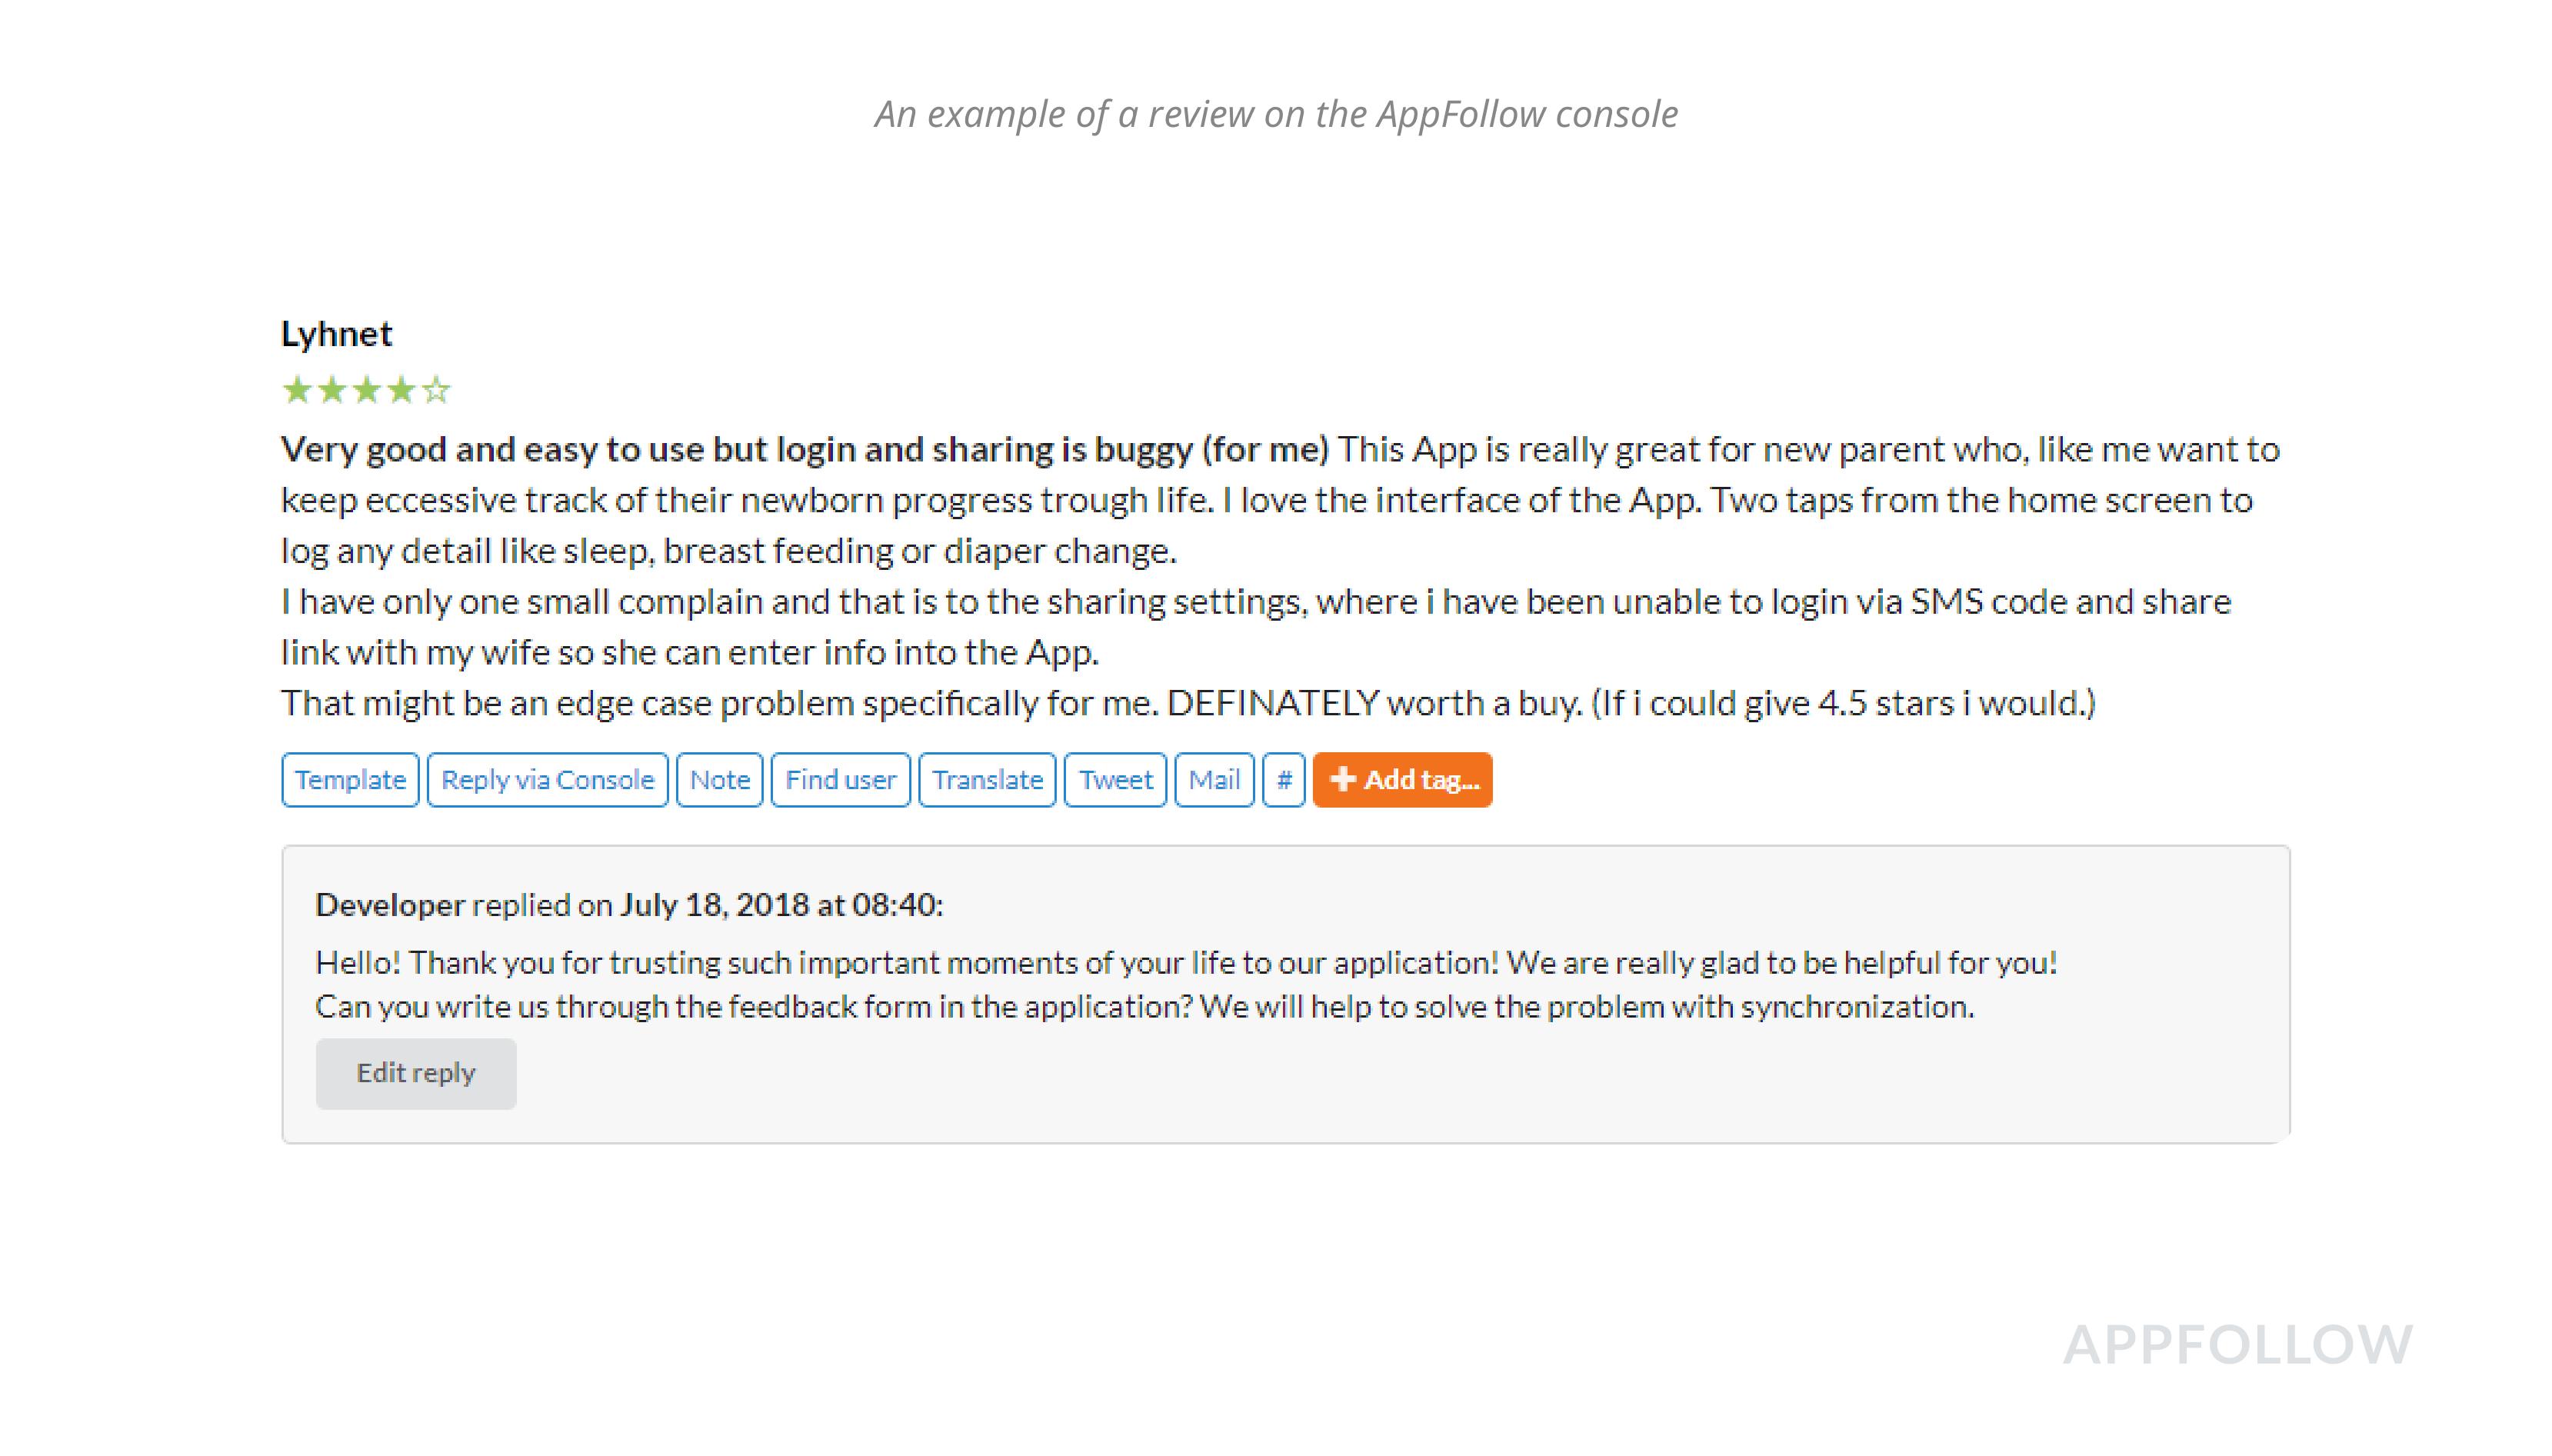 Uma avaliação de usuário e uma resposta do desenvolverdor